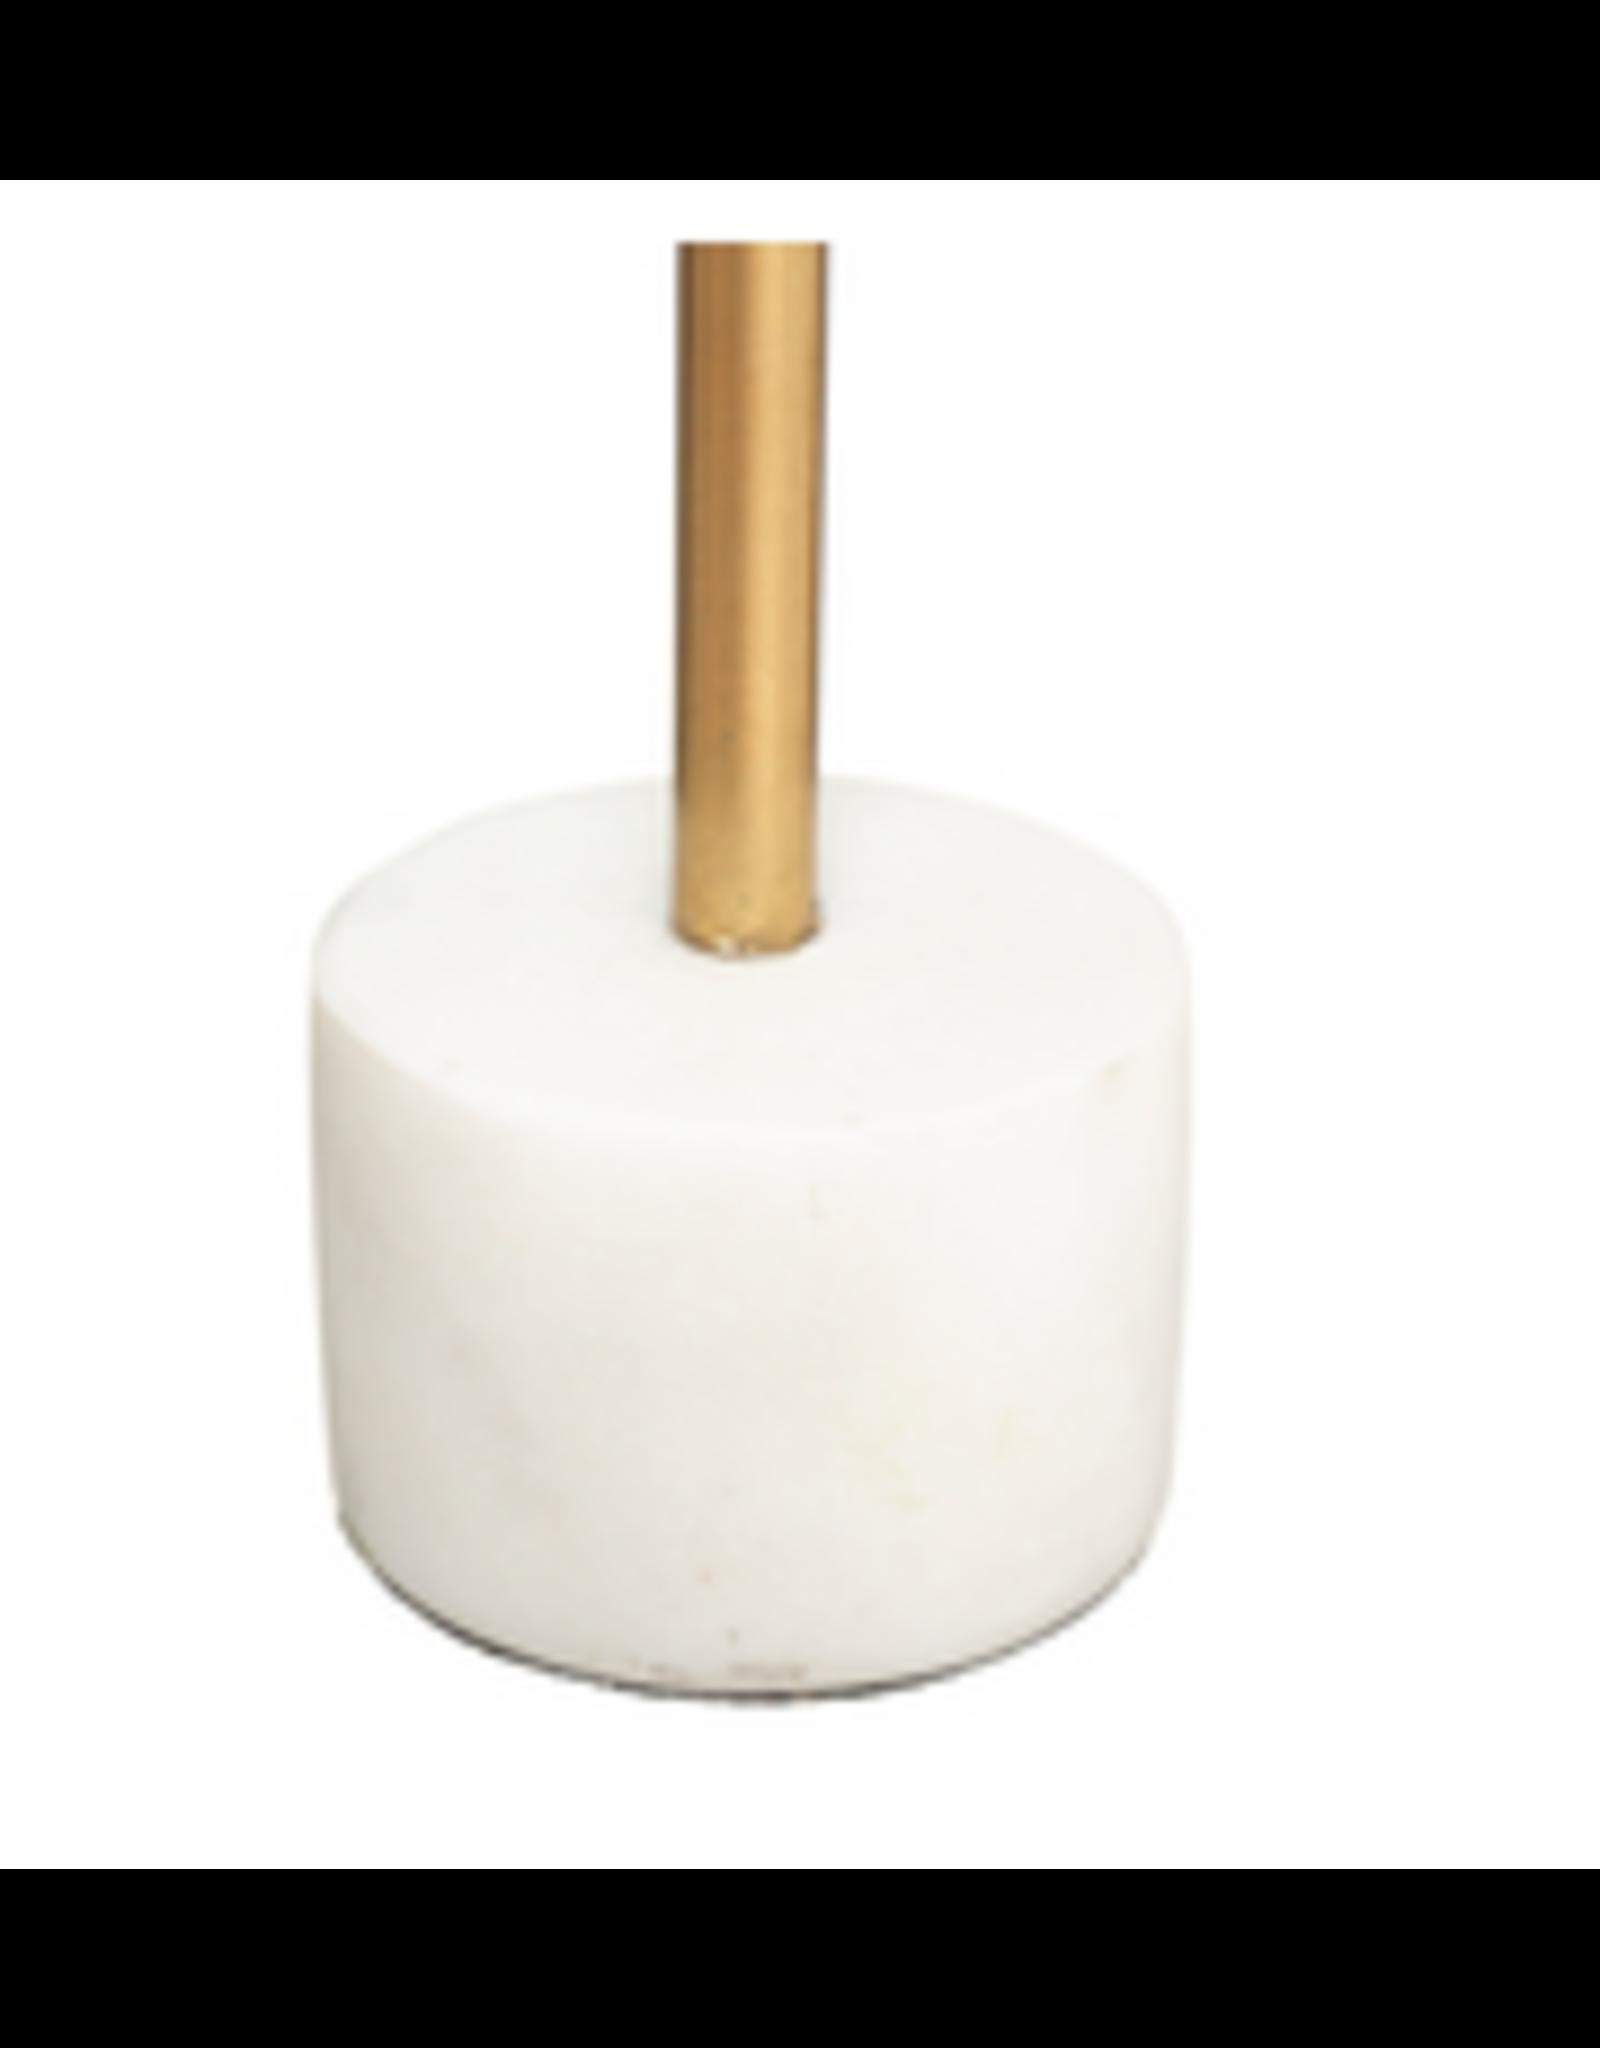 LOFT030 Marmeren kandelaar Hoogte 27 cm wit en goud